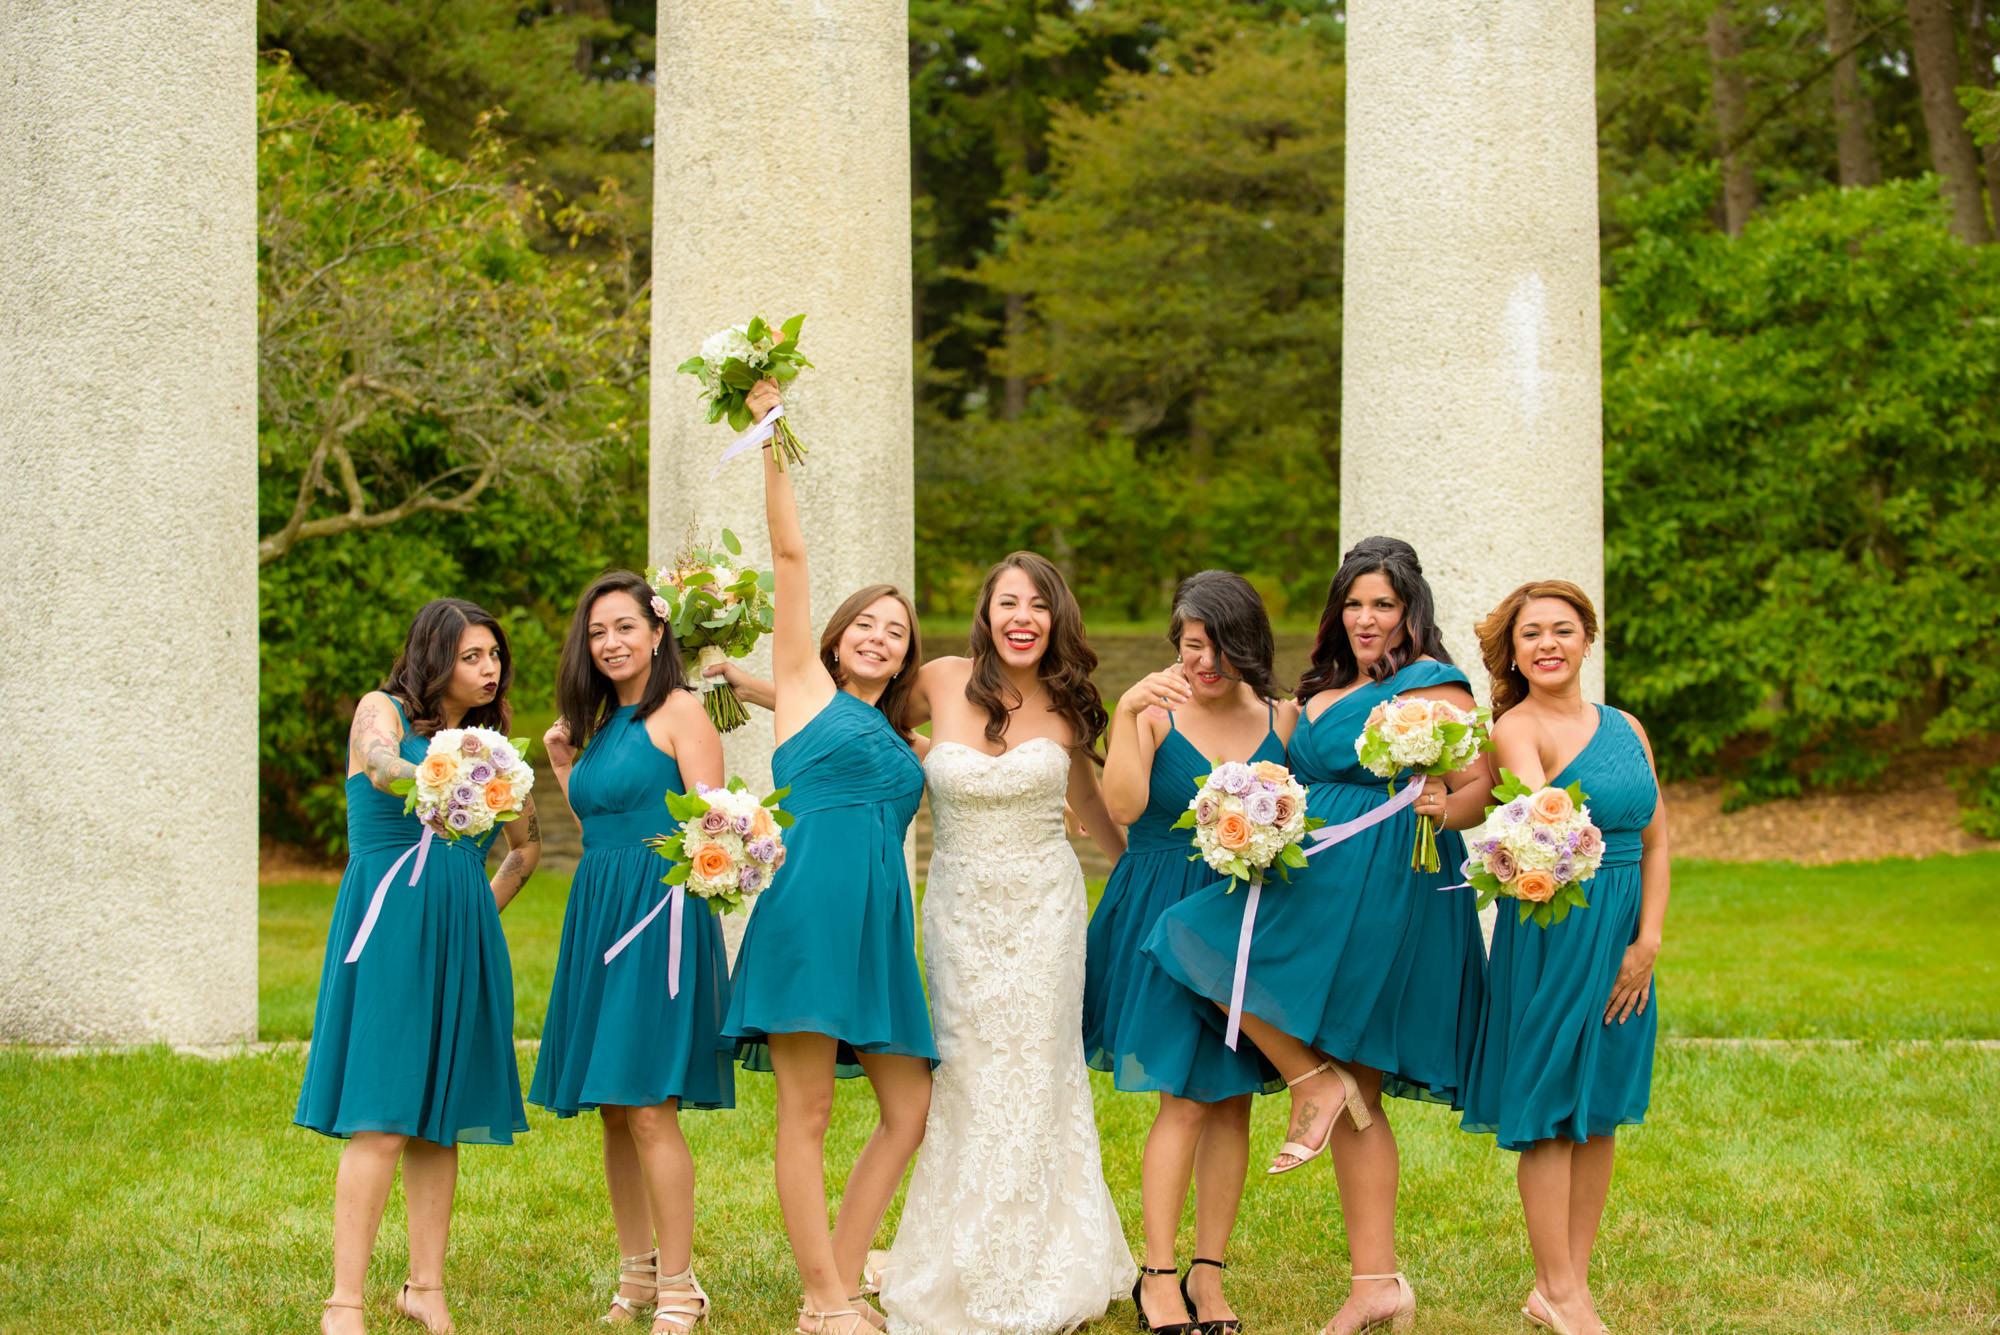 Bridesmaids Morton Arboretum 4 Columns